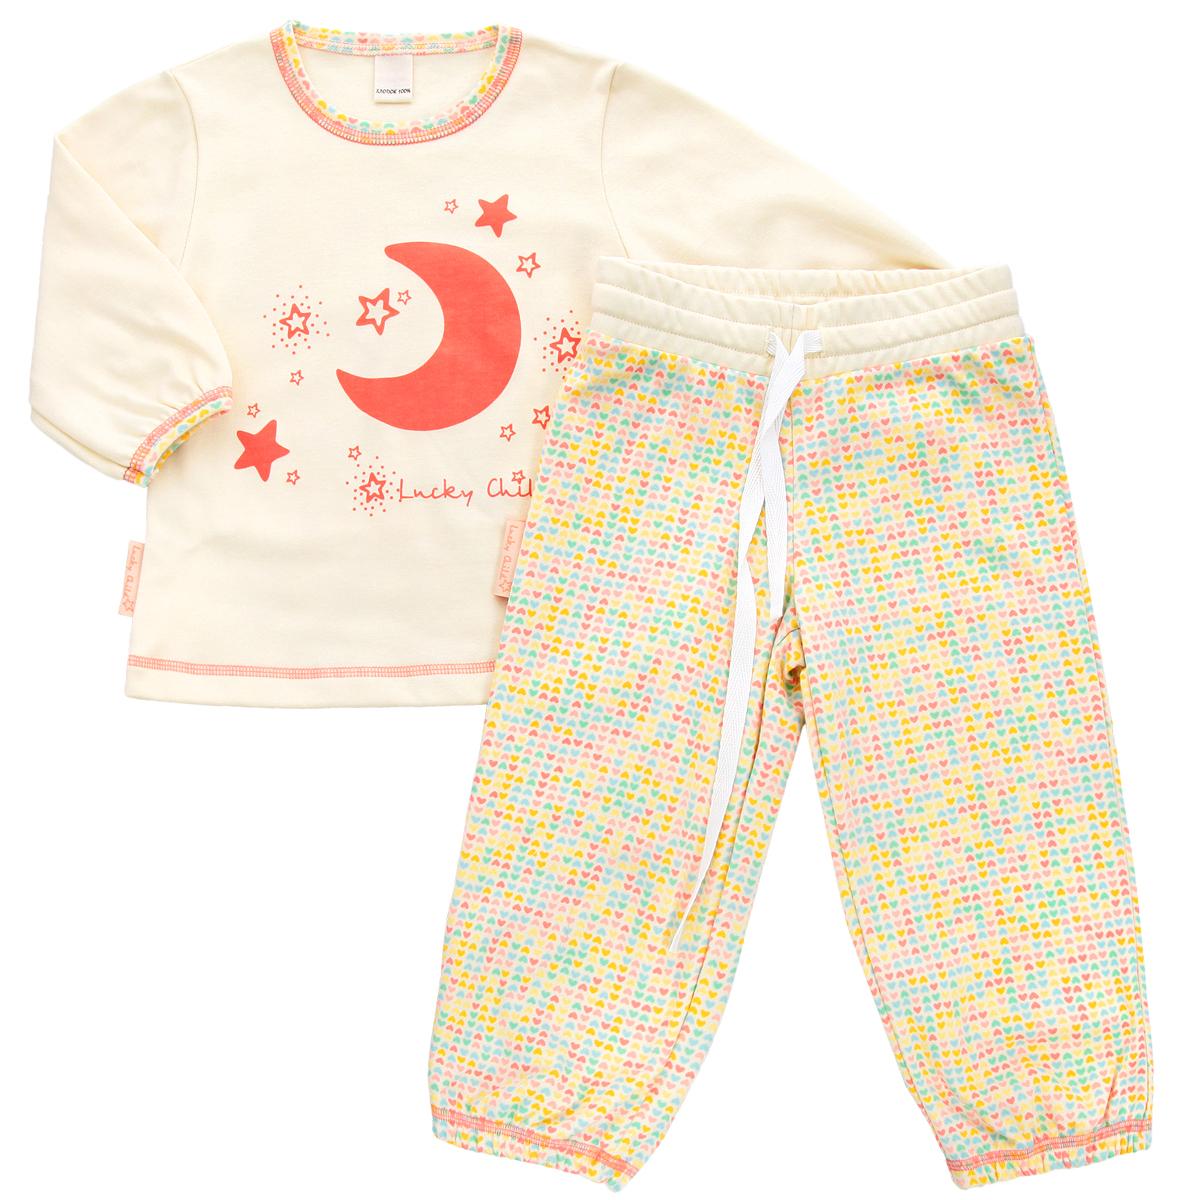 Пижама для девочки. 12-40012-400Очаровательная пижама для девочки Lucky Child, состоящая из футболки с длинным рукавом и брюк, идеально подойдет вашей дочурке и станет отличным дополнением к детскому гардеробу. Изготовленная из натурального хлопка - интерлока, она необычайно мягкая и приятная на ощупь, не раздражает нежную кожу ребенка и хорошо вентилируется, а эластичные швы приятны телу и не препятствуют его движениям. Футболка трапециевидного кроя с длинными рукавами и круглым вырезом горловины оформлена спереди оригинальной термоаппликацией в виде месяца, а также изображением звездочек и названием бренда. Горловина и низ рукавов оформлены принтом с мелким изображением сердечек. Низ изделия оформлен контрастной фигурной прострочкой. Брюки на талии имеют широкий эластичный пояс со шнурком, благодаря чему они не сдавливают животик ребенка и не сползают. Низ брючин присборен на эластичные резинки. Оформлены брюки принтом с мелким изображением сердечек по всей поверхности. Такая пижама идеально...